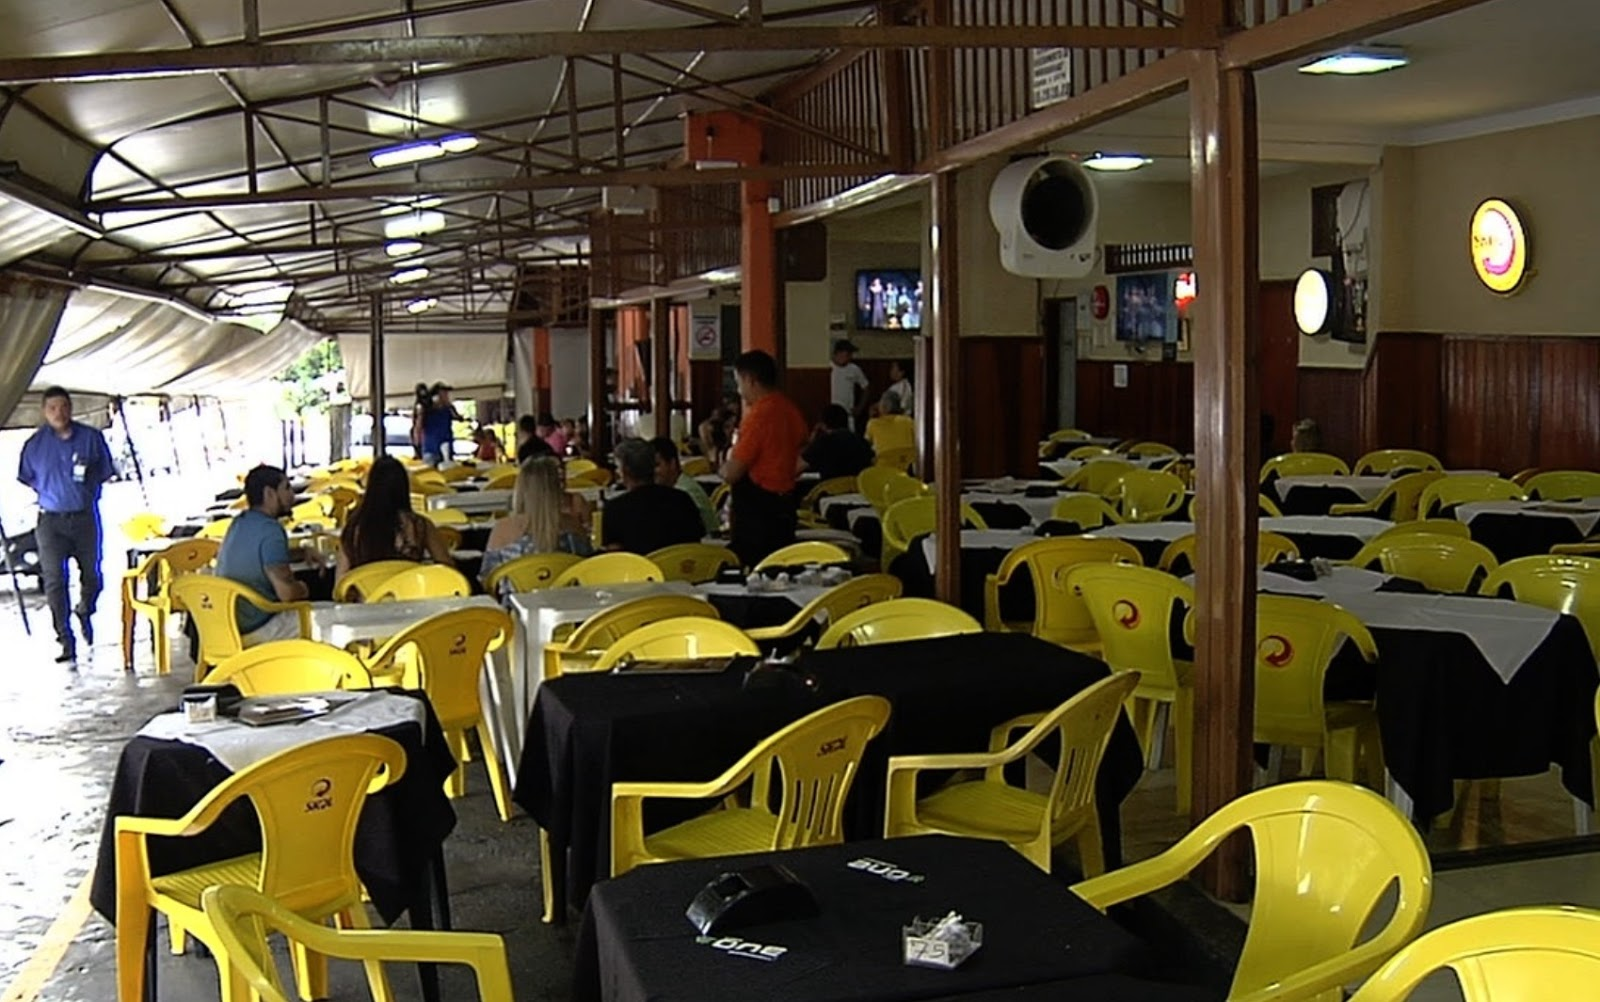 Em Goiânia, casal foi hostilizado e ameaçado com faca por garçons em bar